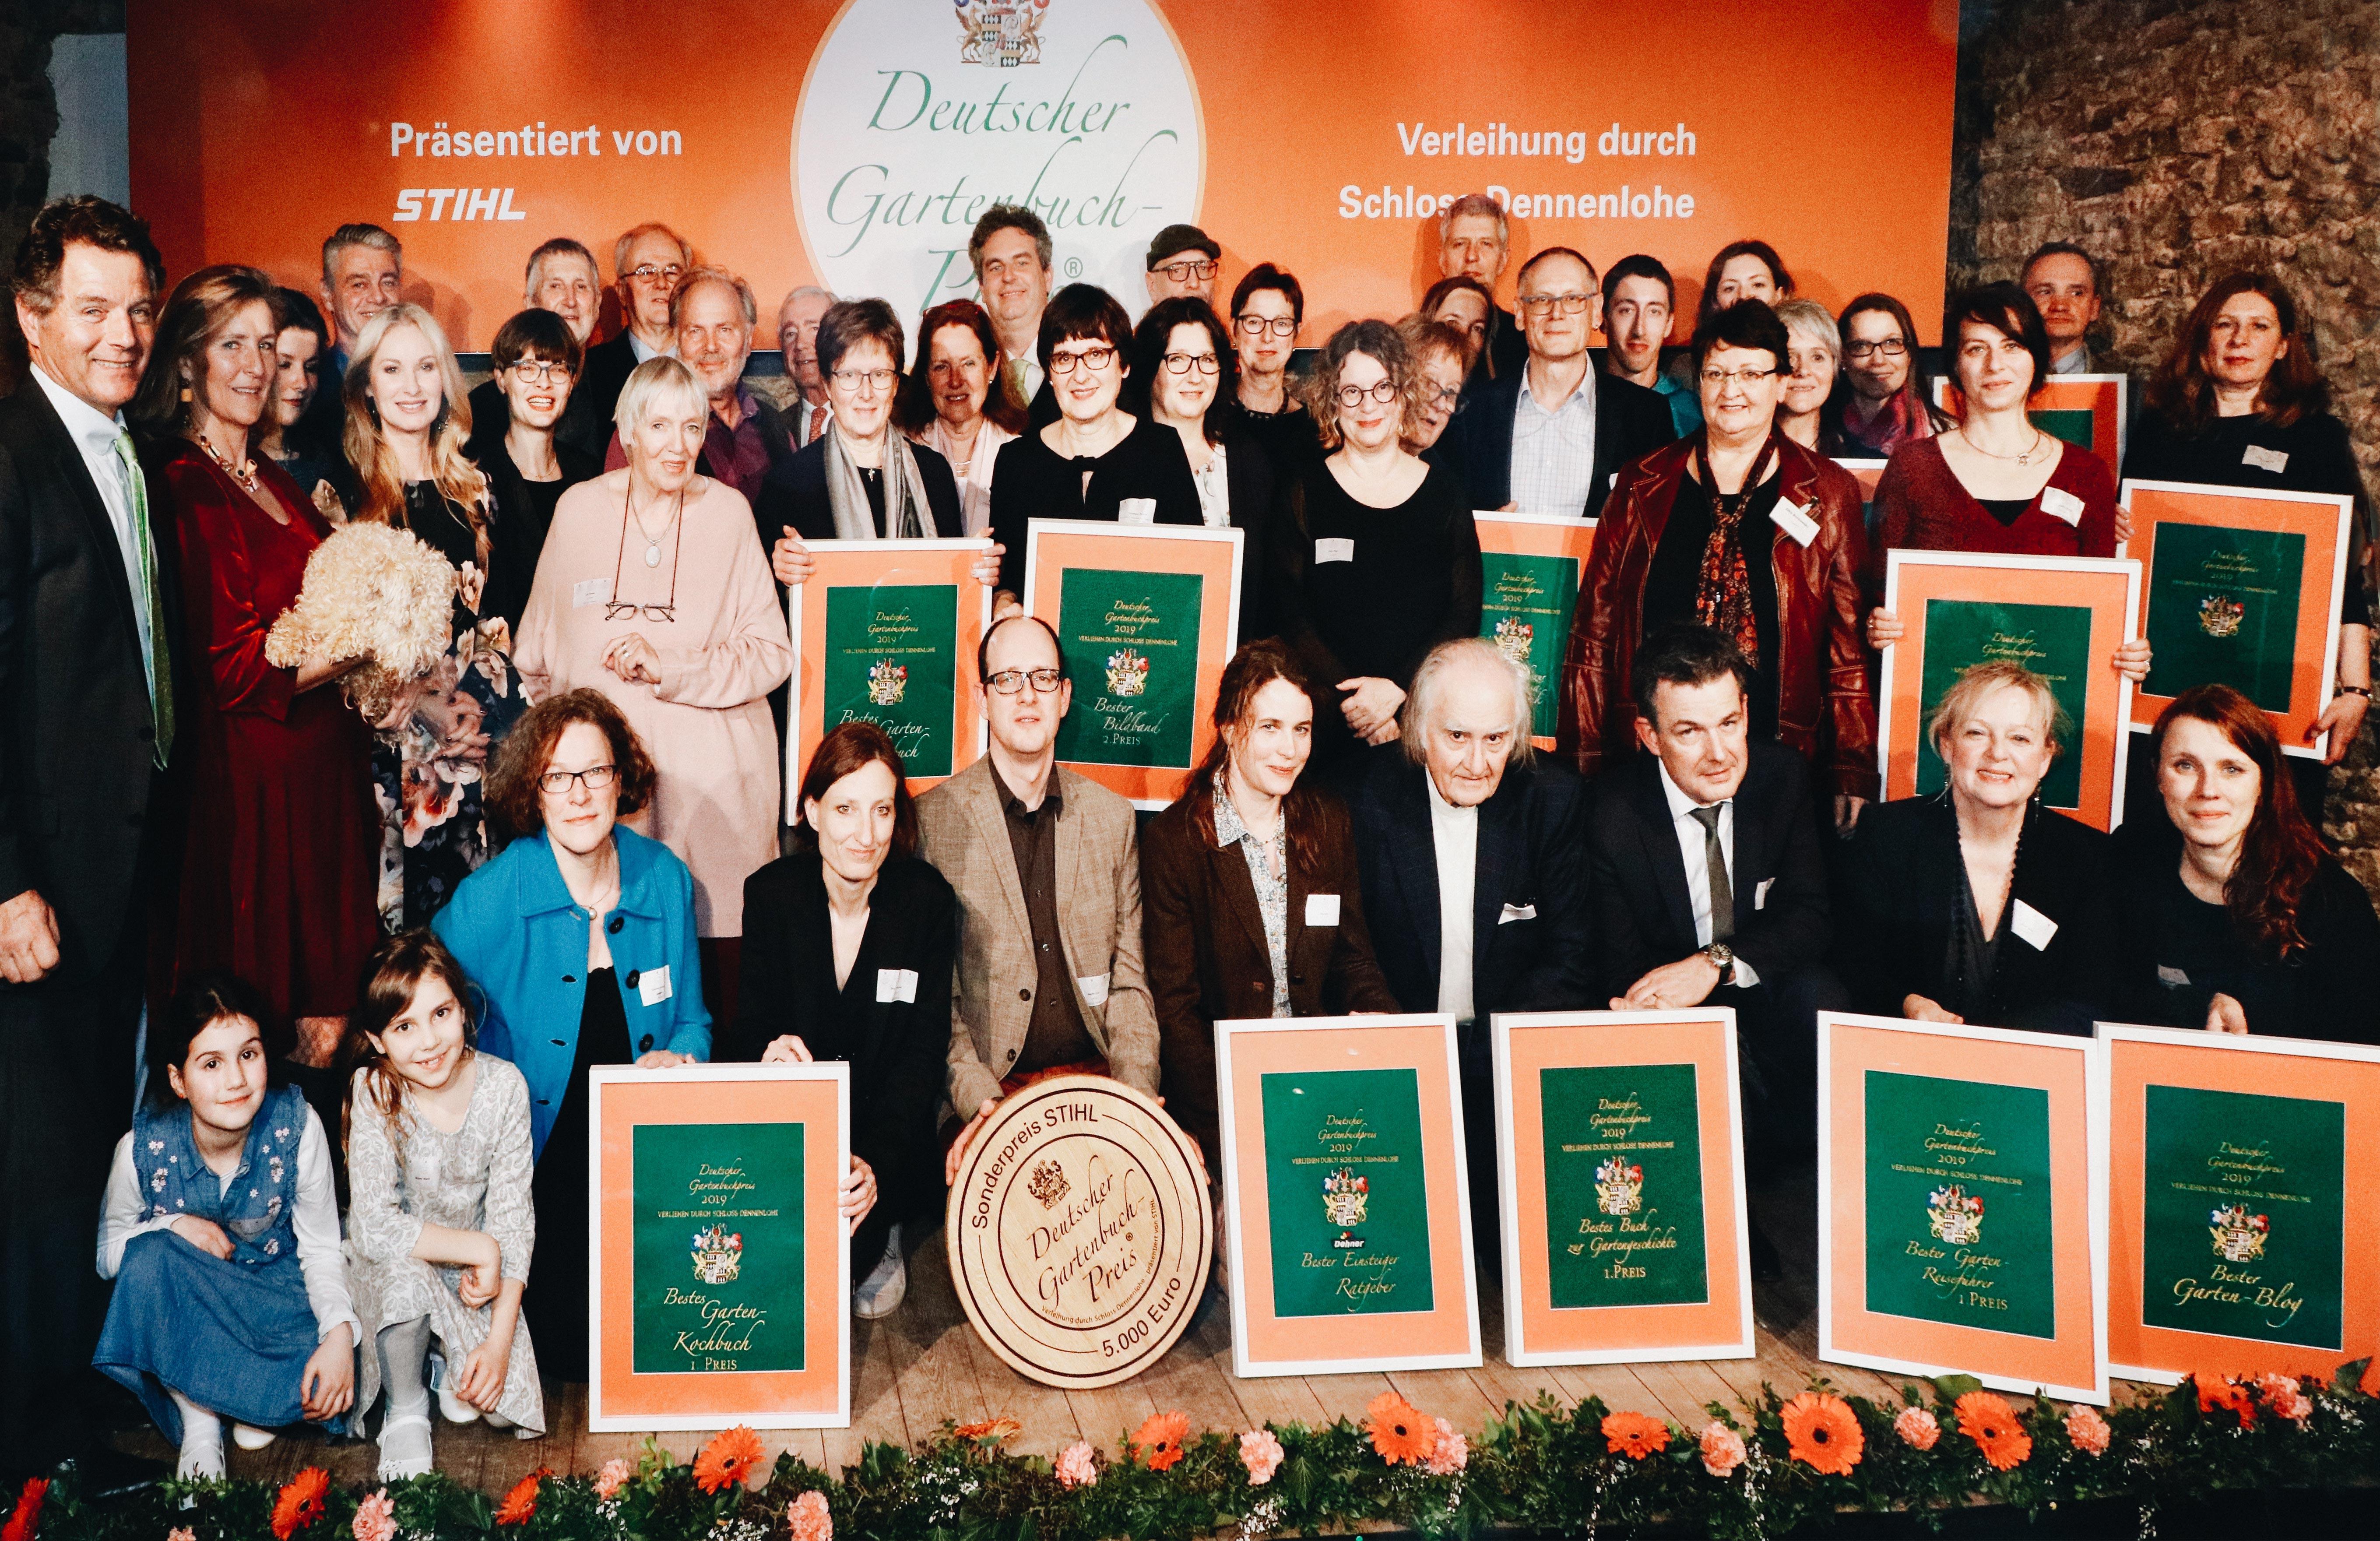 Deutscher Gartenbuchpreis Dennelohe Gruppenbild